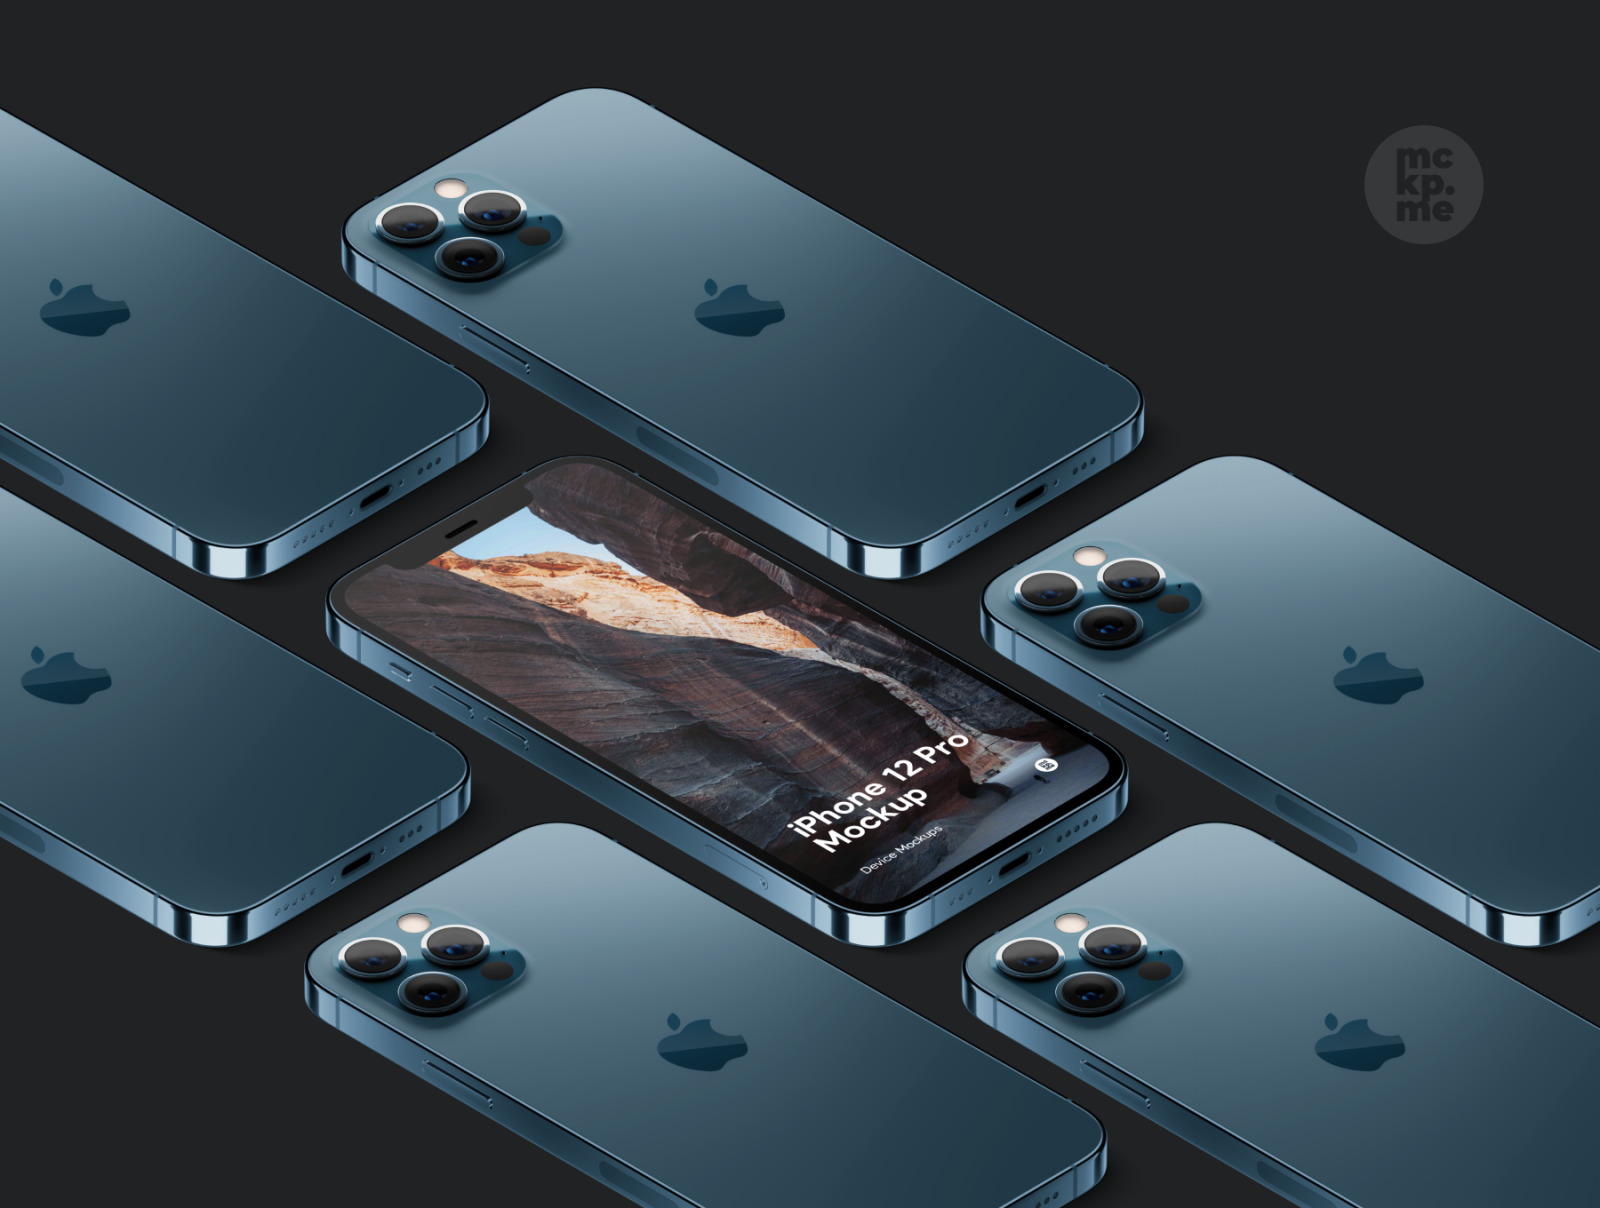 时尚等距苹果iPhone 12 Pro手机软件APP界面设计展示样机合集 iPhone 12 Pro Isometric Pack插图2